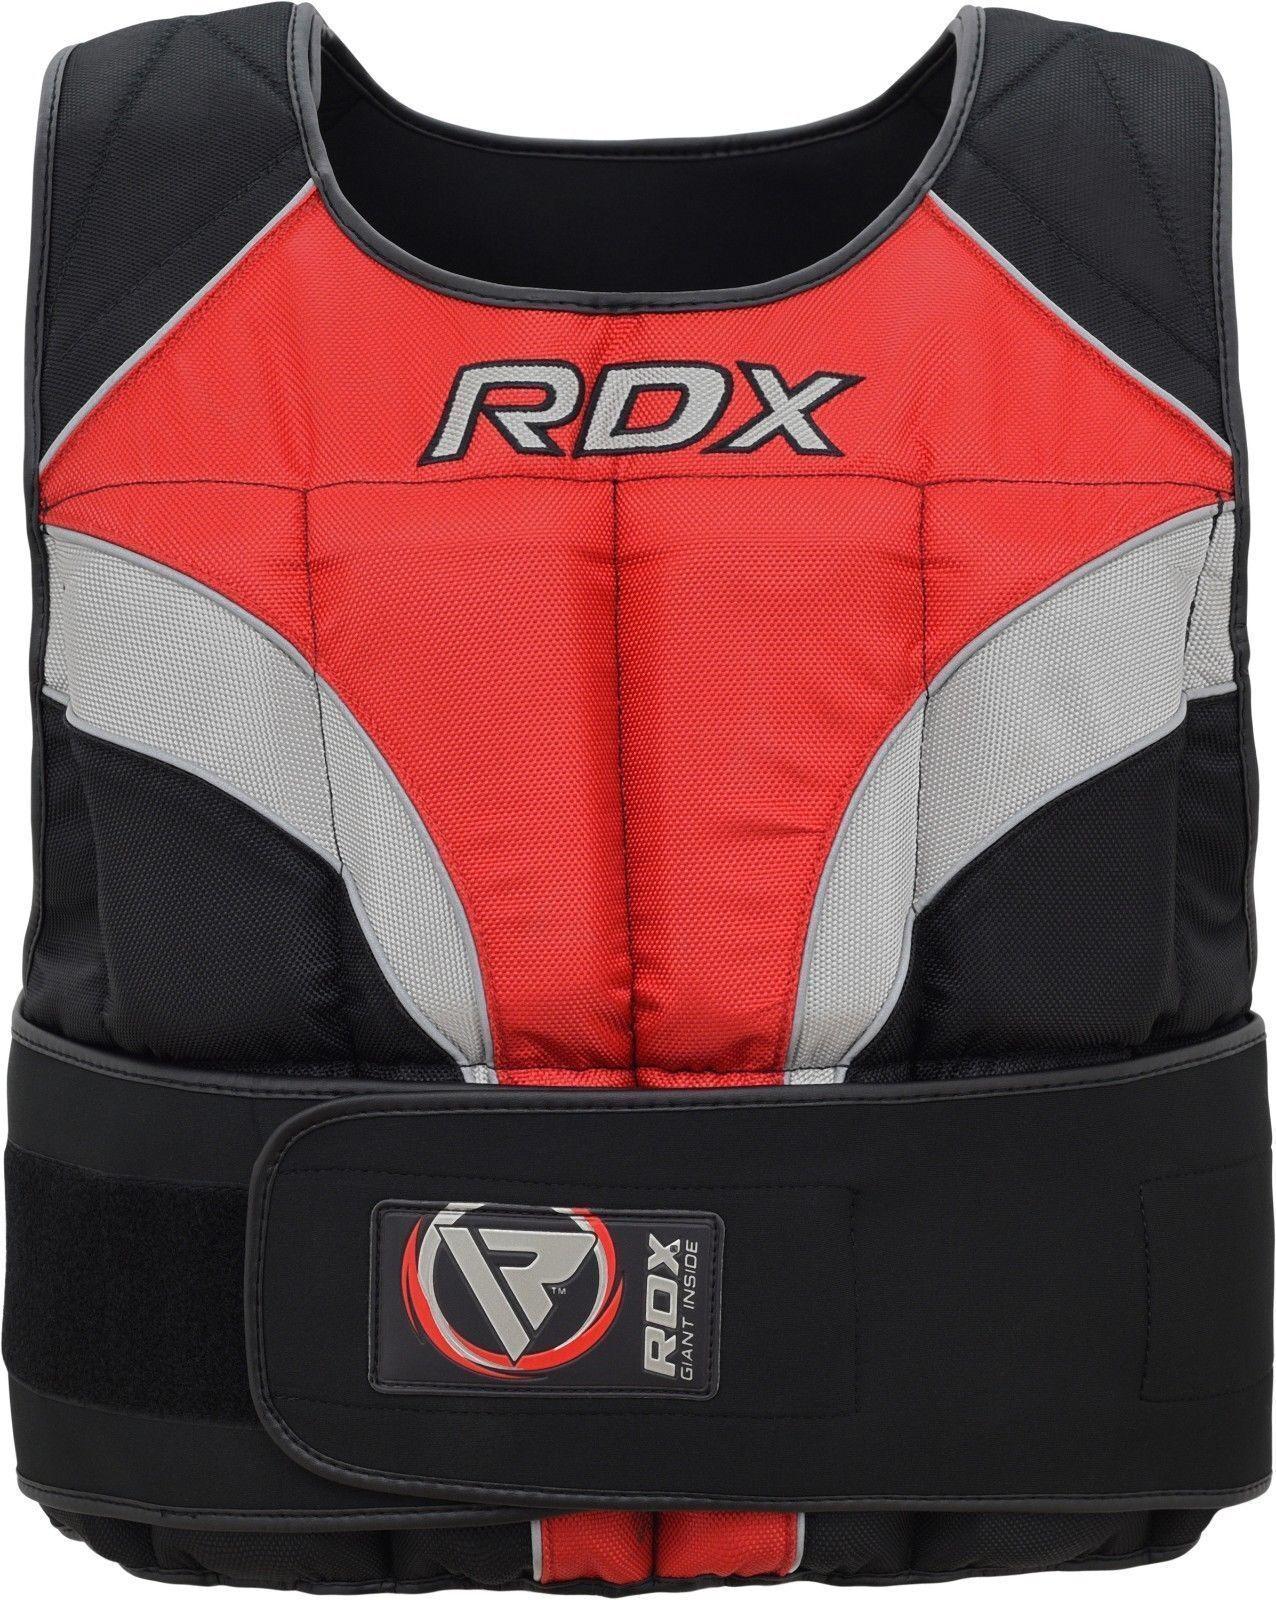 RDX Poids Amovible Vestes Lestées Gilet Réglable Veste Entrainement Musculation Poids RDX b367ef